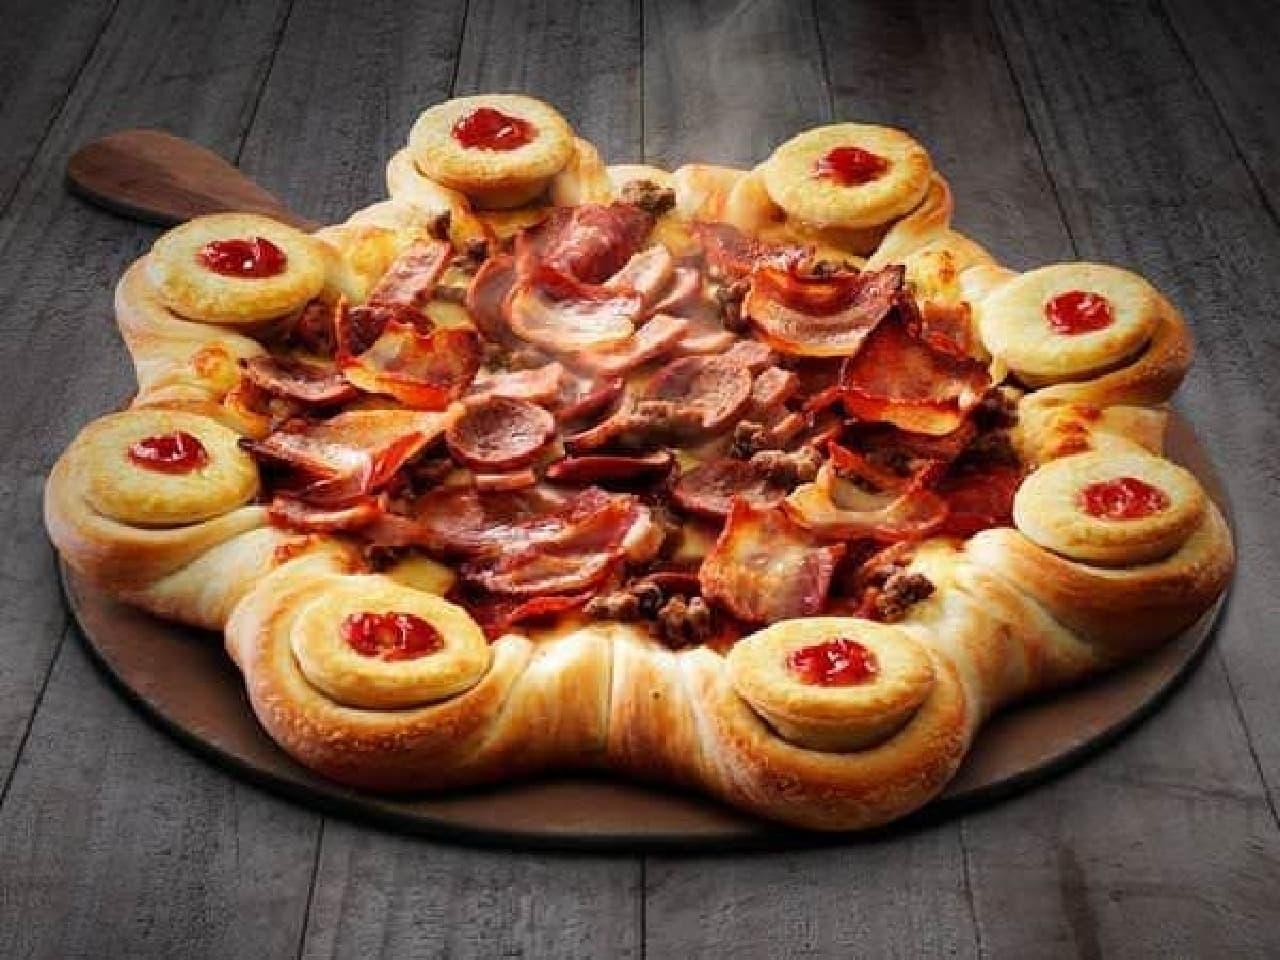 サクサク熱々のパイとピザが合体!  (出典:Pizza Hut Australia 公式 Twitter)